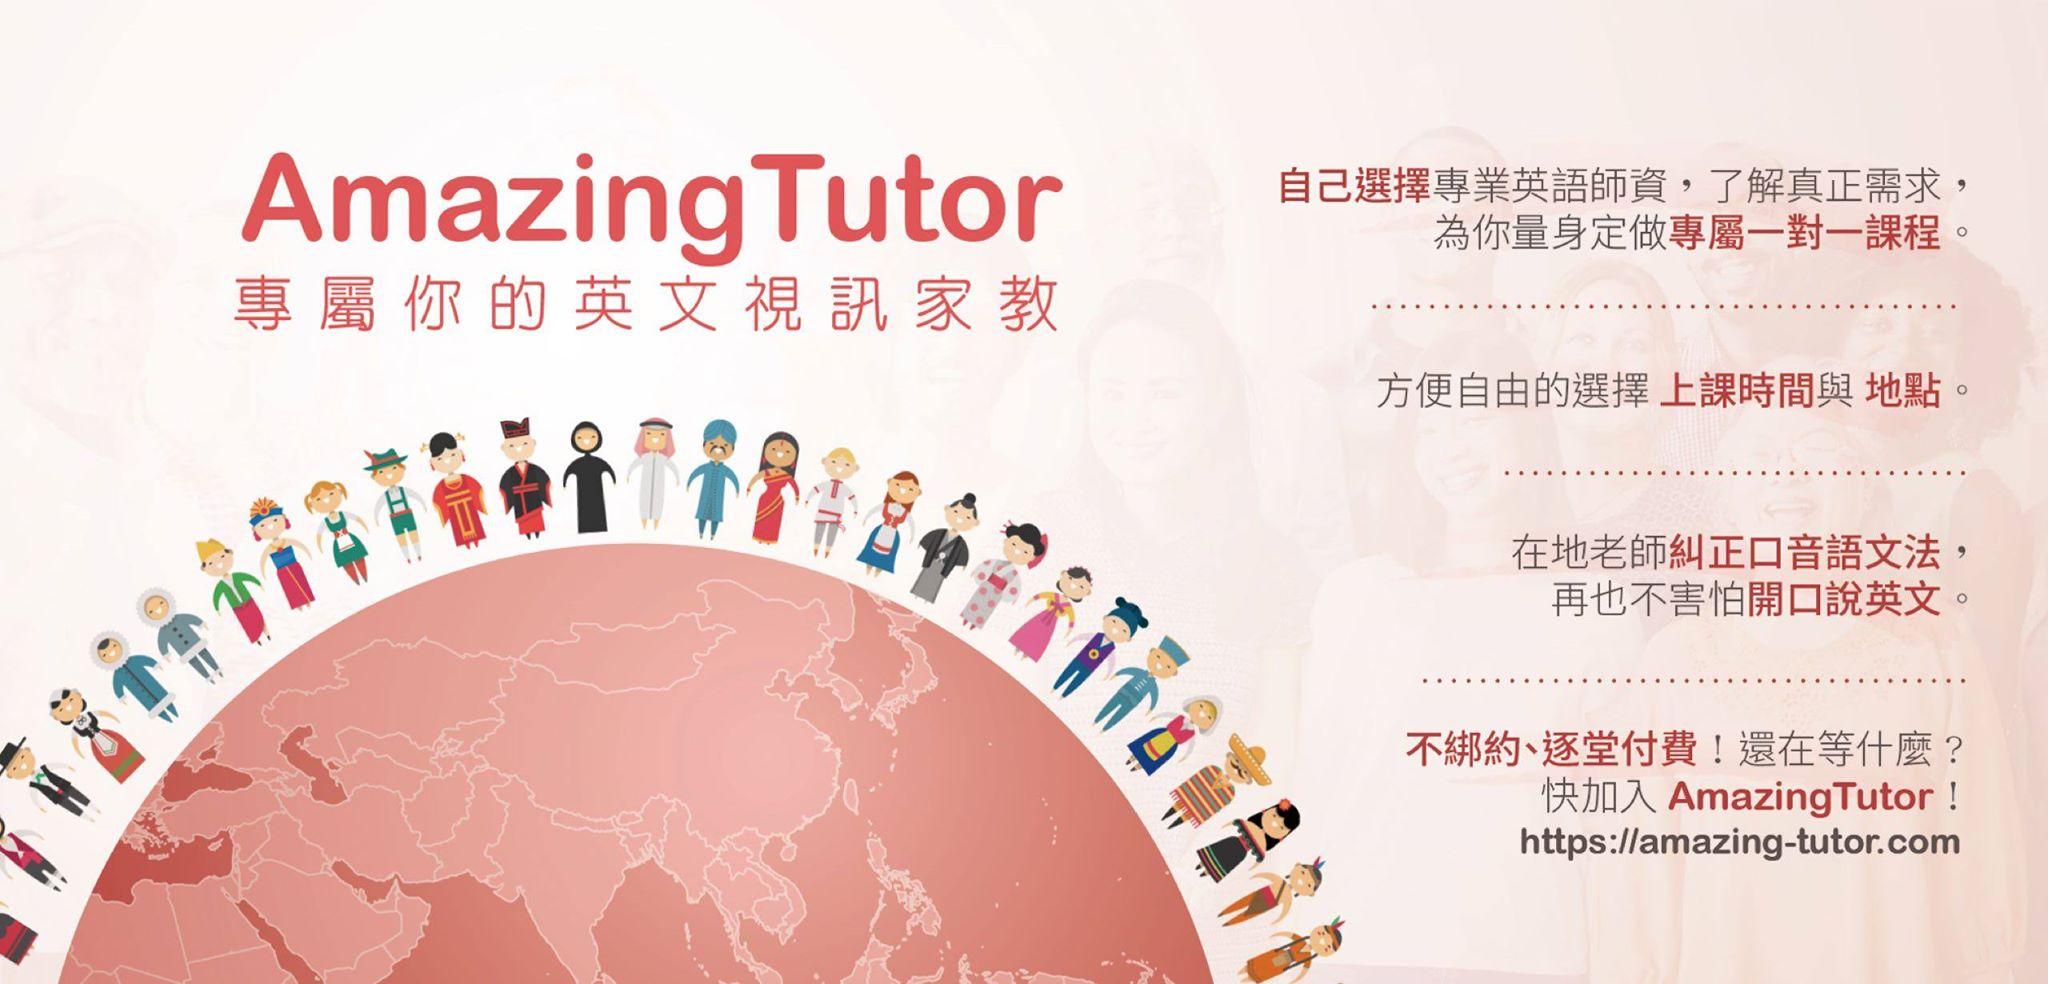 【modmaj】AmazingTalker: Learn a Language Online Easily